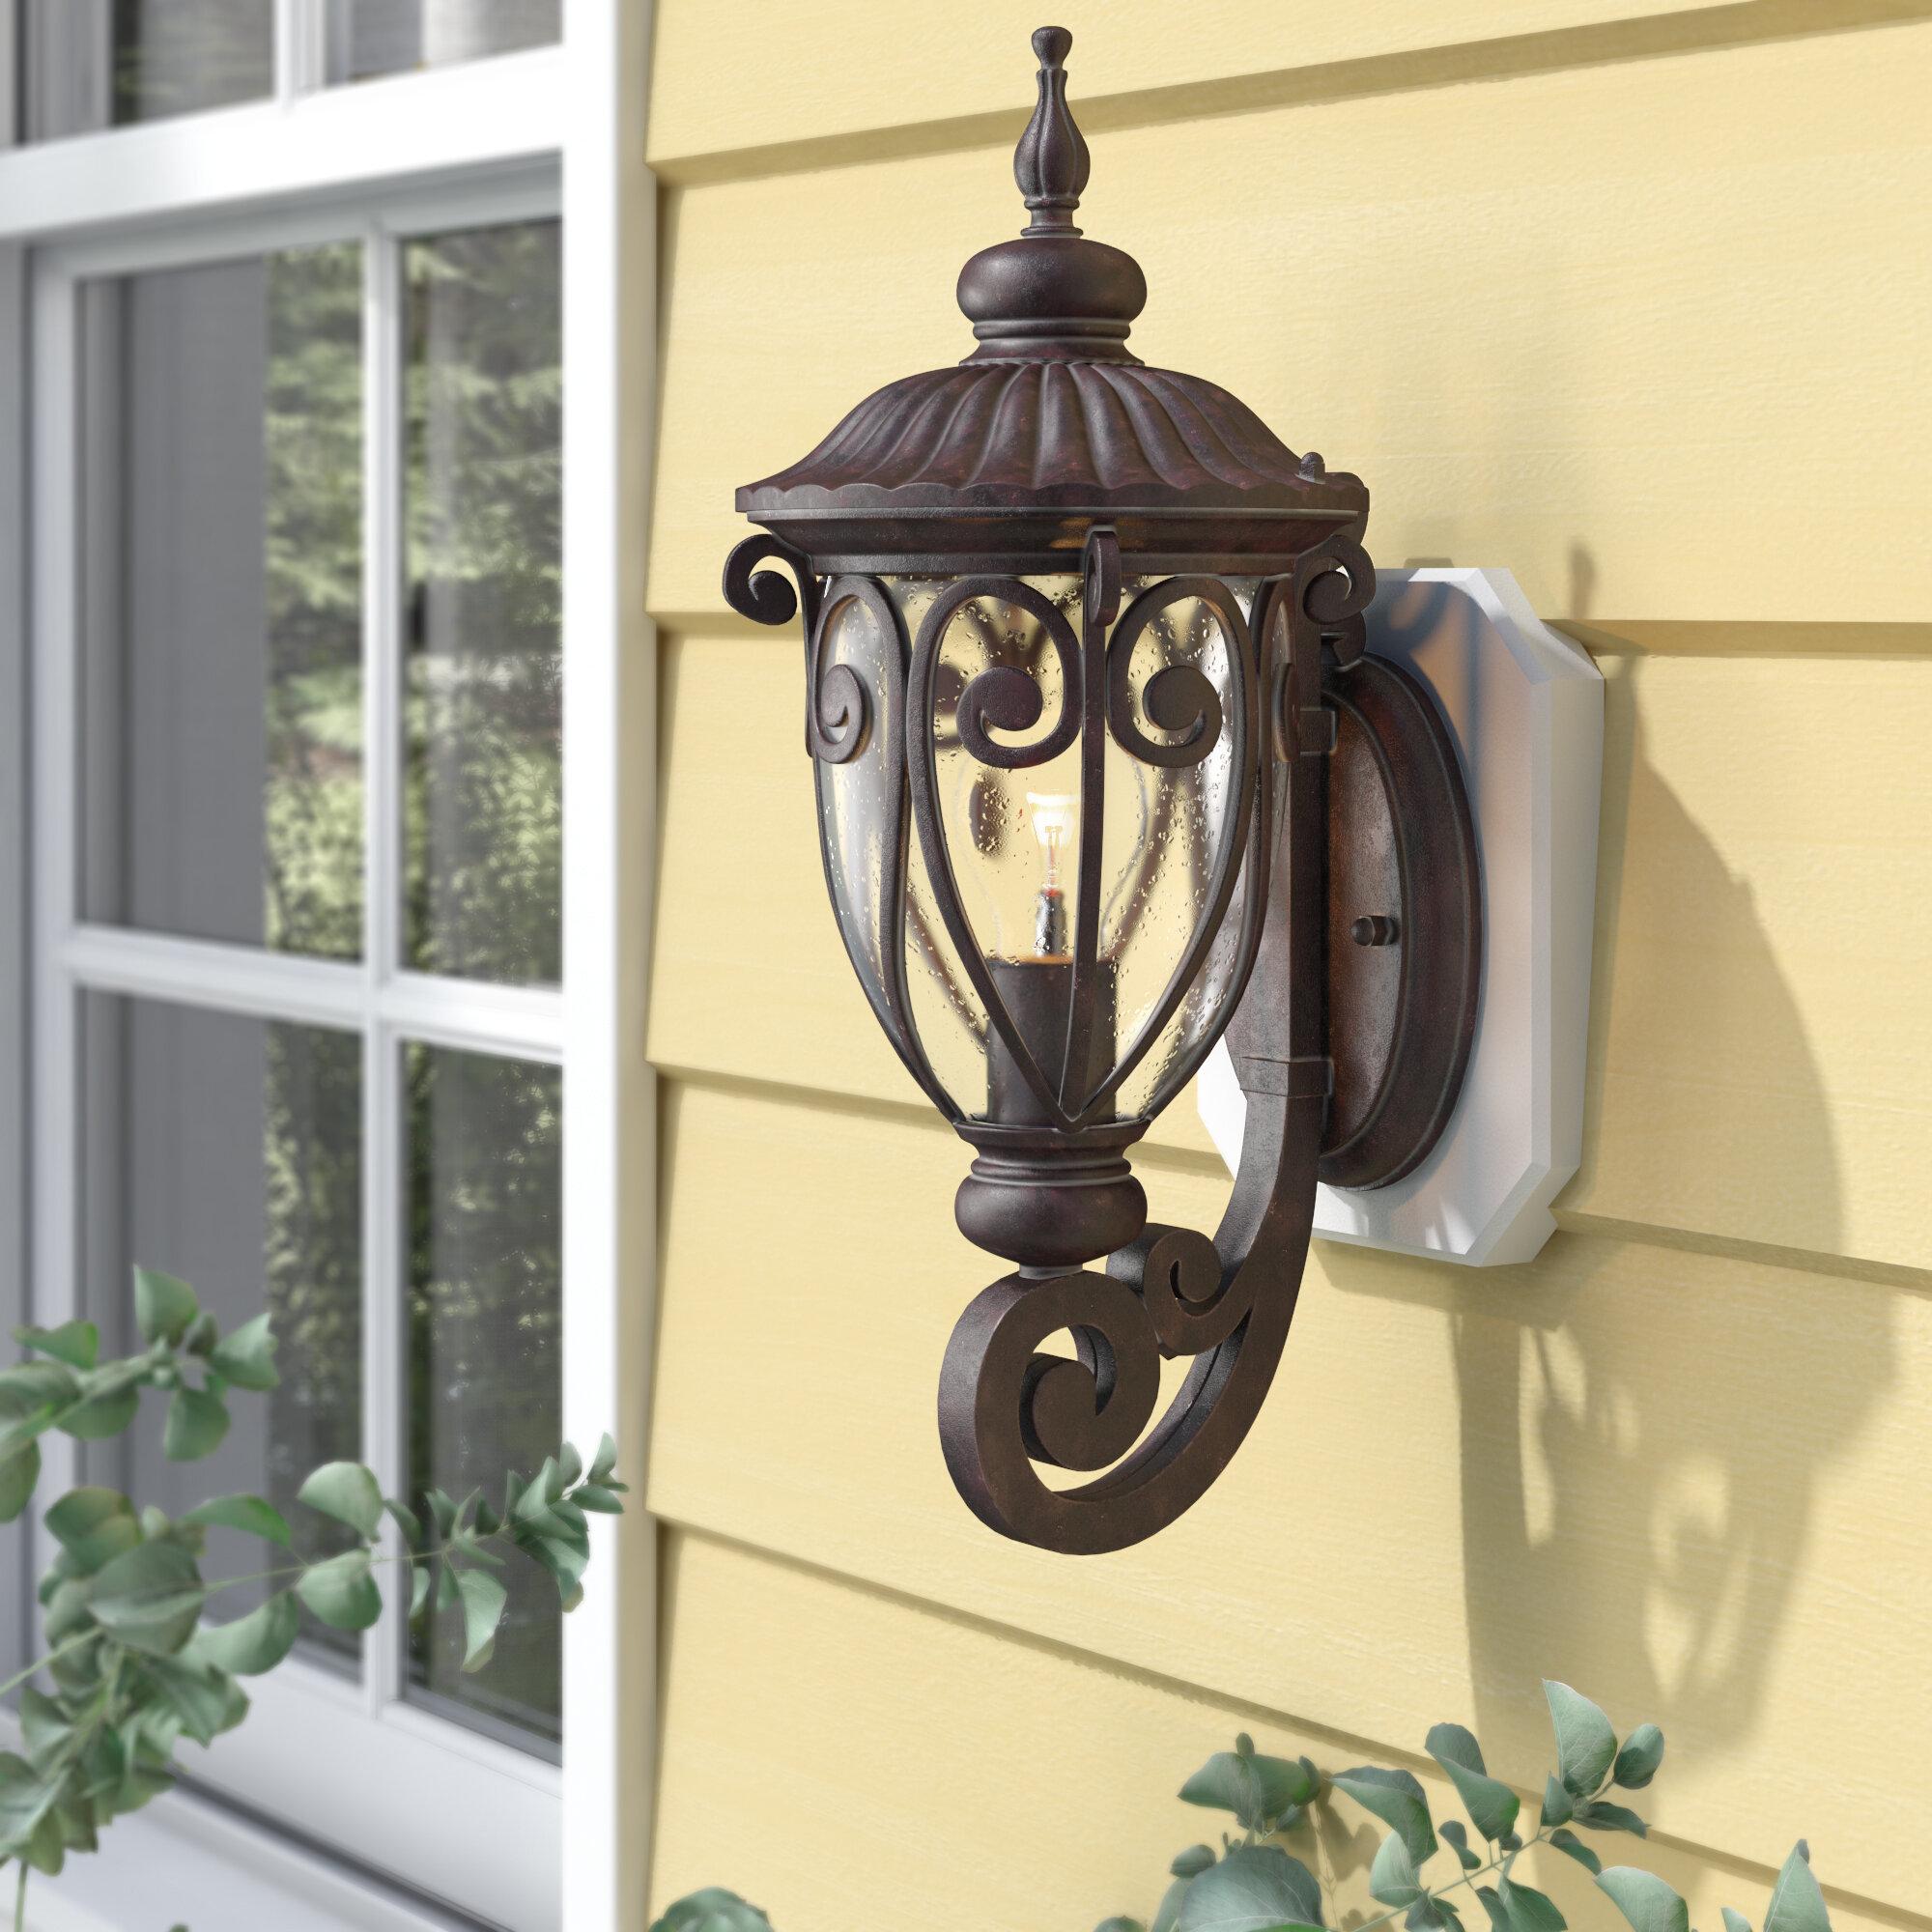 Astoria Grand Devlin Outdoor Wall Lantern Reviews Wayfair